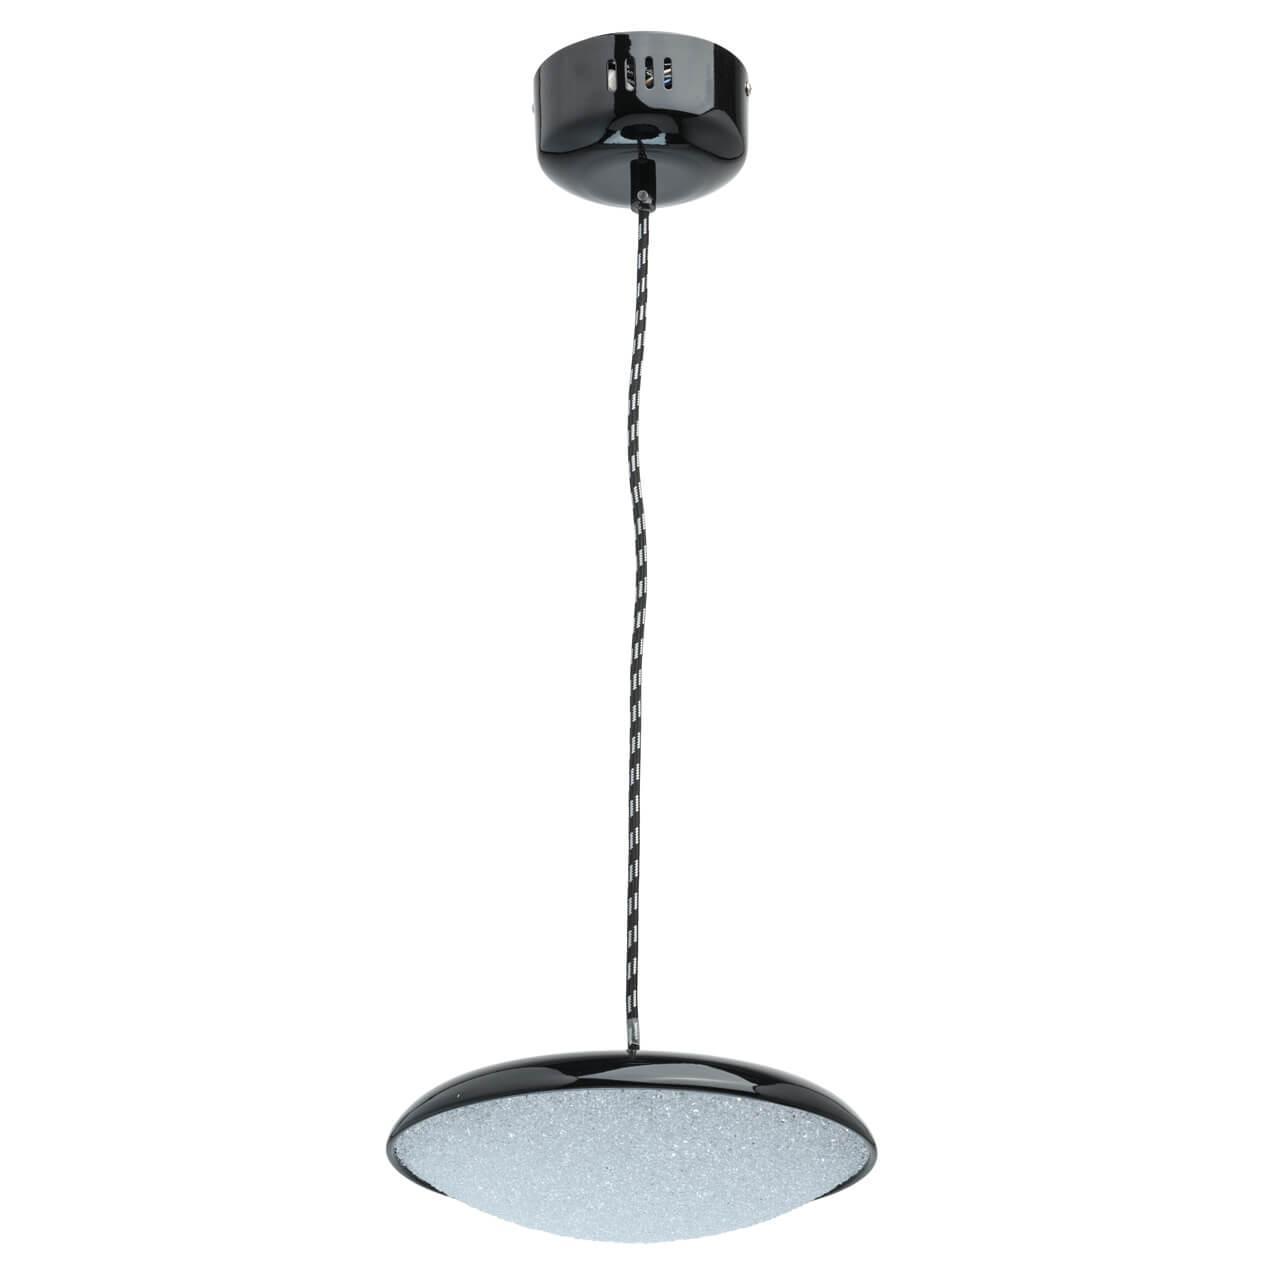 Подвесной светодиодный светильник De Markt Перегрина 5 703011201 подвесной светодиодный светильник regenbogen life перегрина 5 703011201